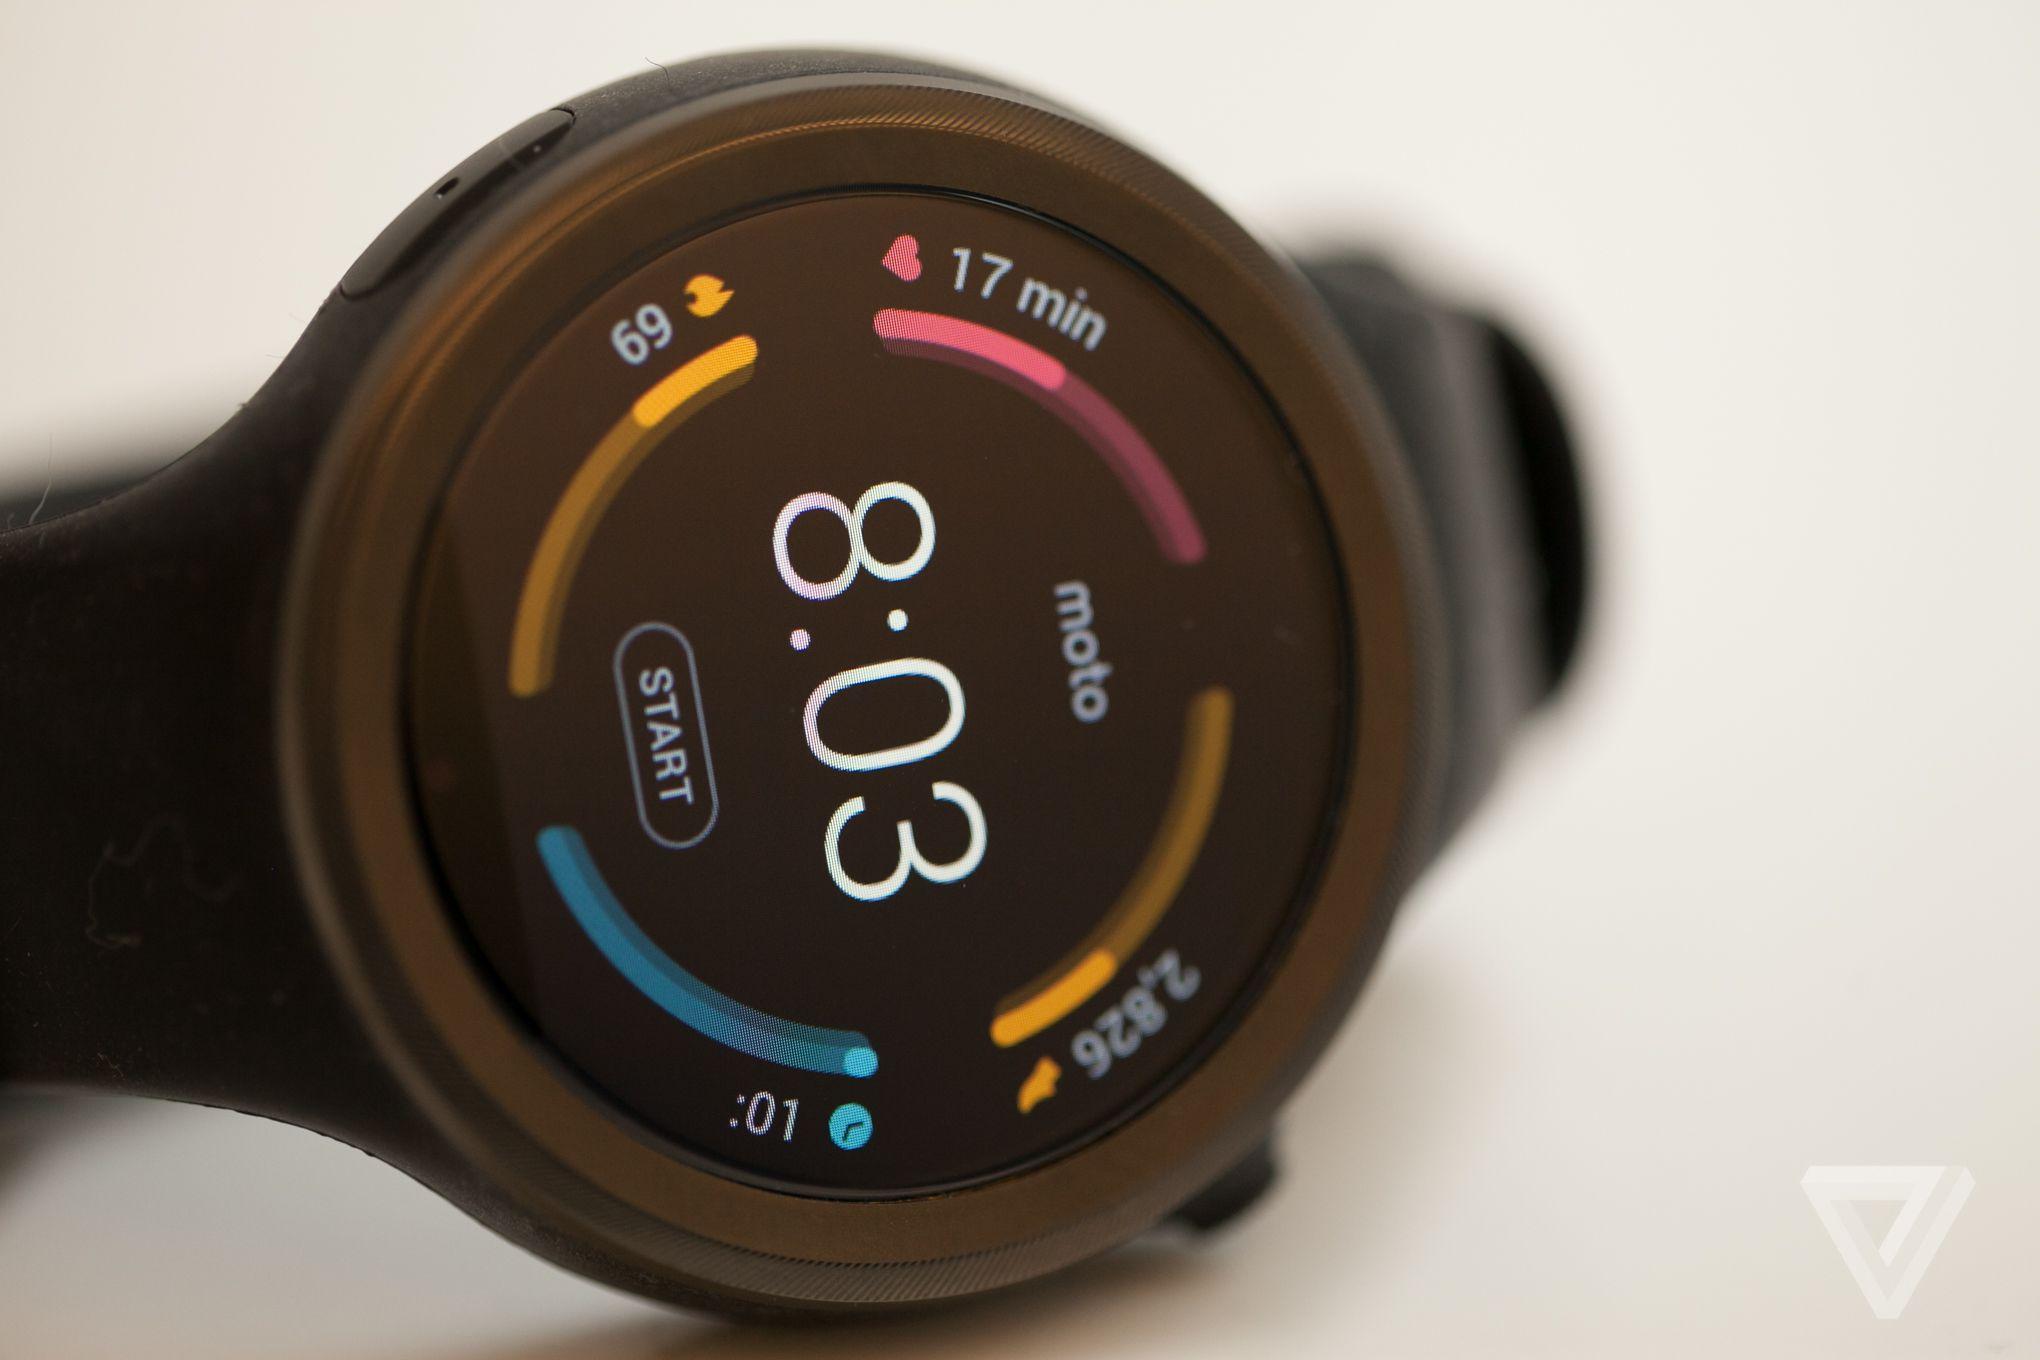 https://cdn1.vox-cdn.com/thumbor/HTwA7avq_VJ7SrYC7aNZF8TOsVQ=/cdn0.vox-cdn.com/uploads/chorus_asset/file/5845553/Motorola-360-smartwatch-review-verge-03.0.jpg